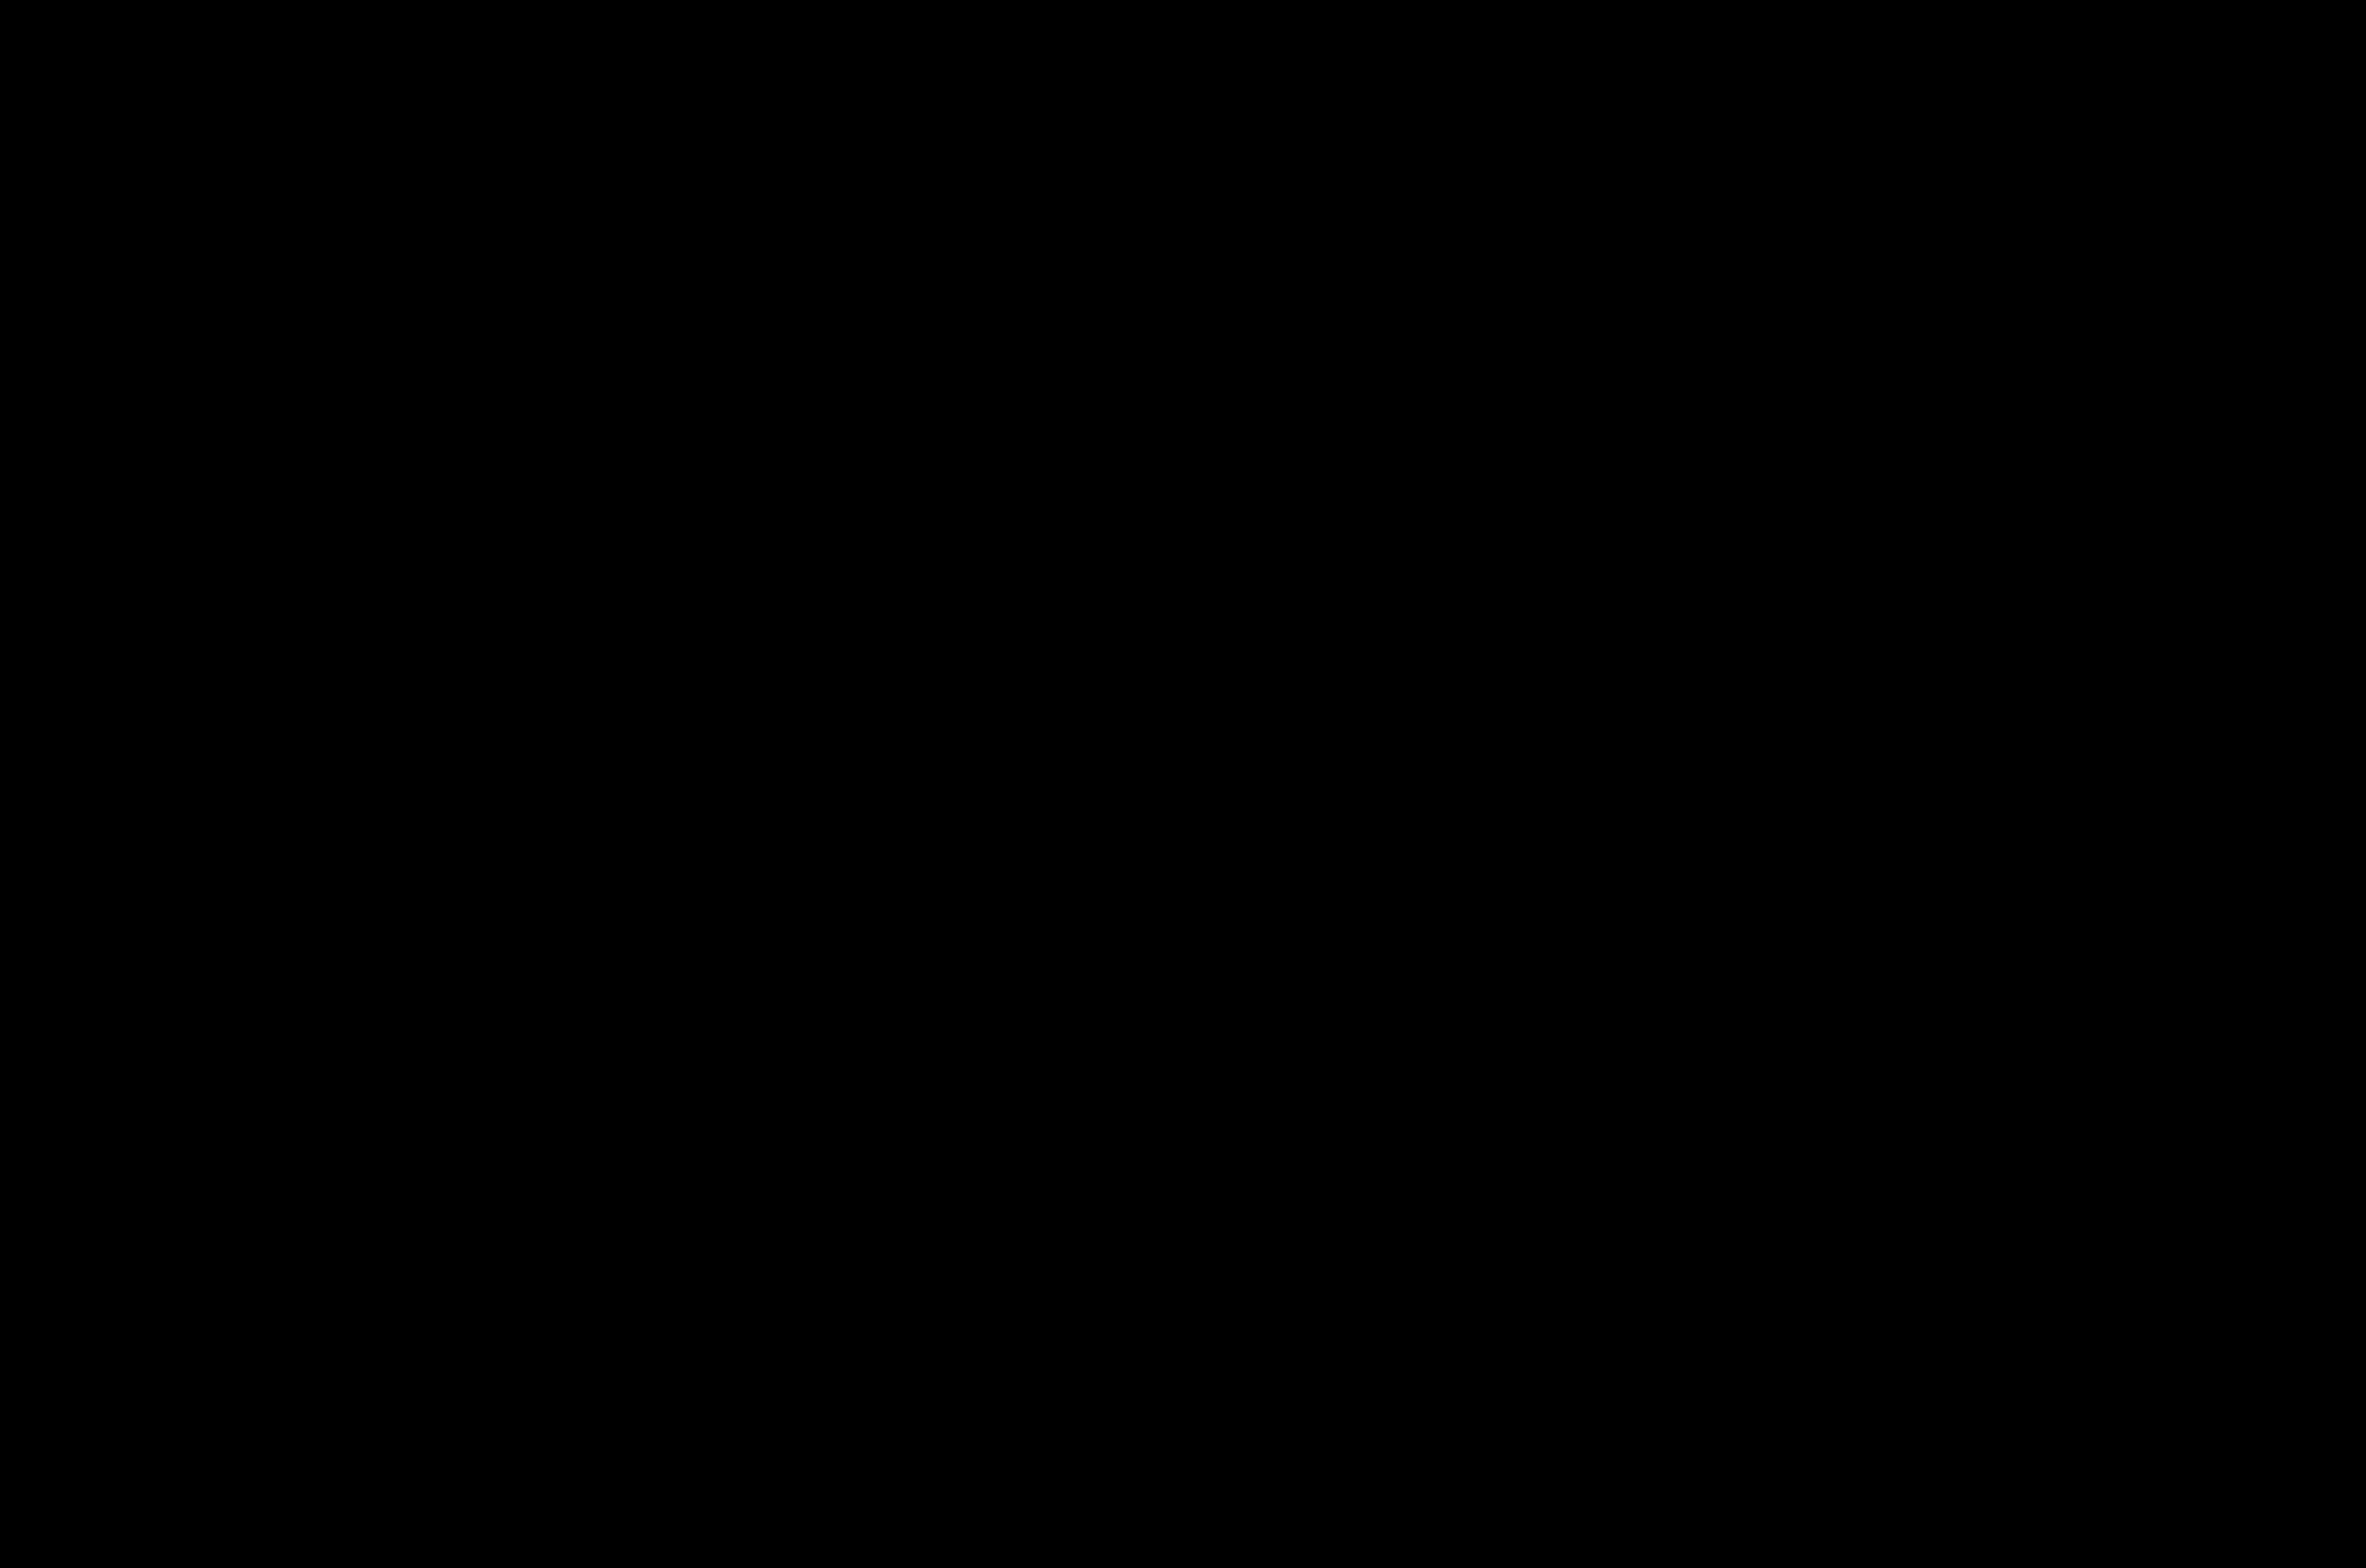 2_080_Corleone_Page_03